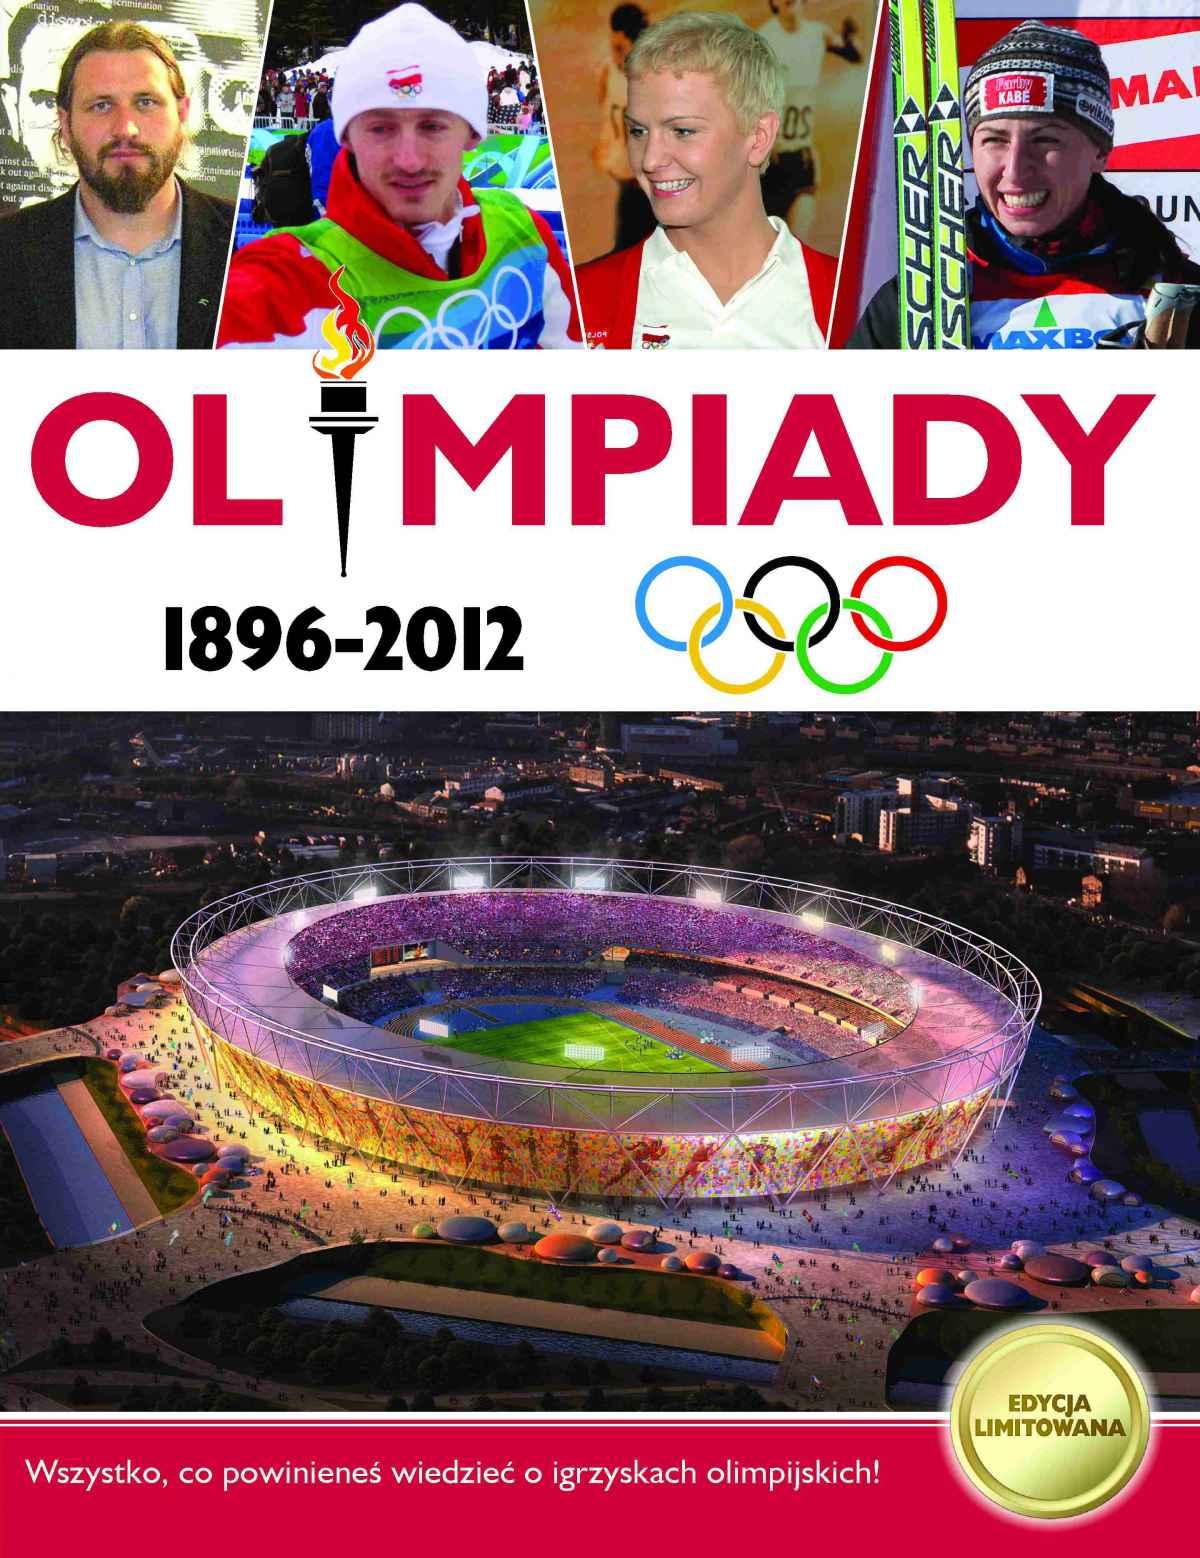 Olimpiady 1896-2012 - Ebook (Książka PDF) do pobrania w formacie PDF